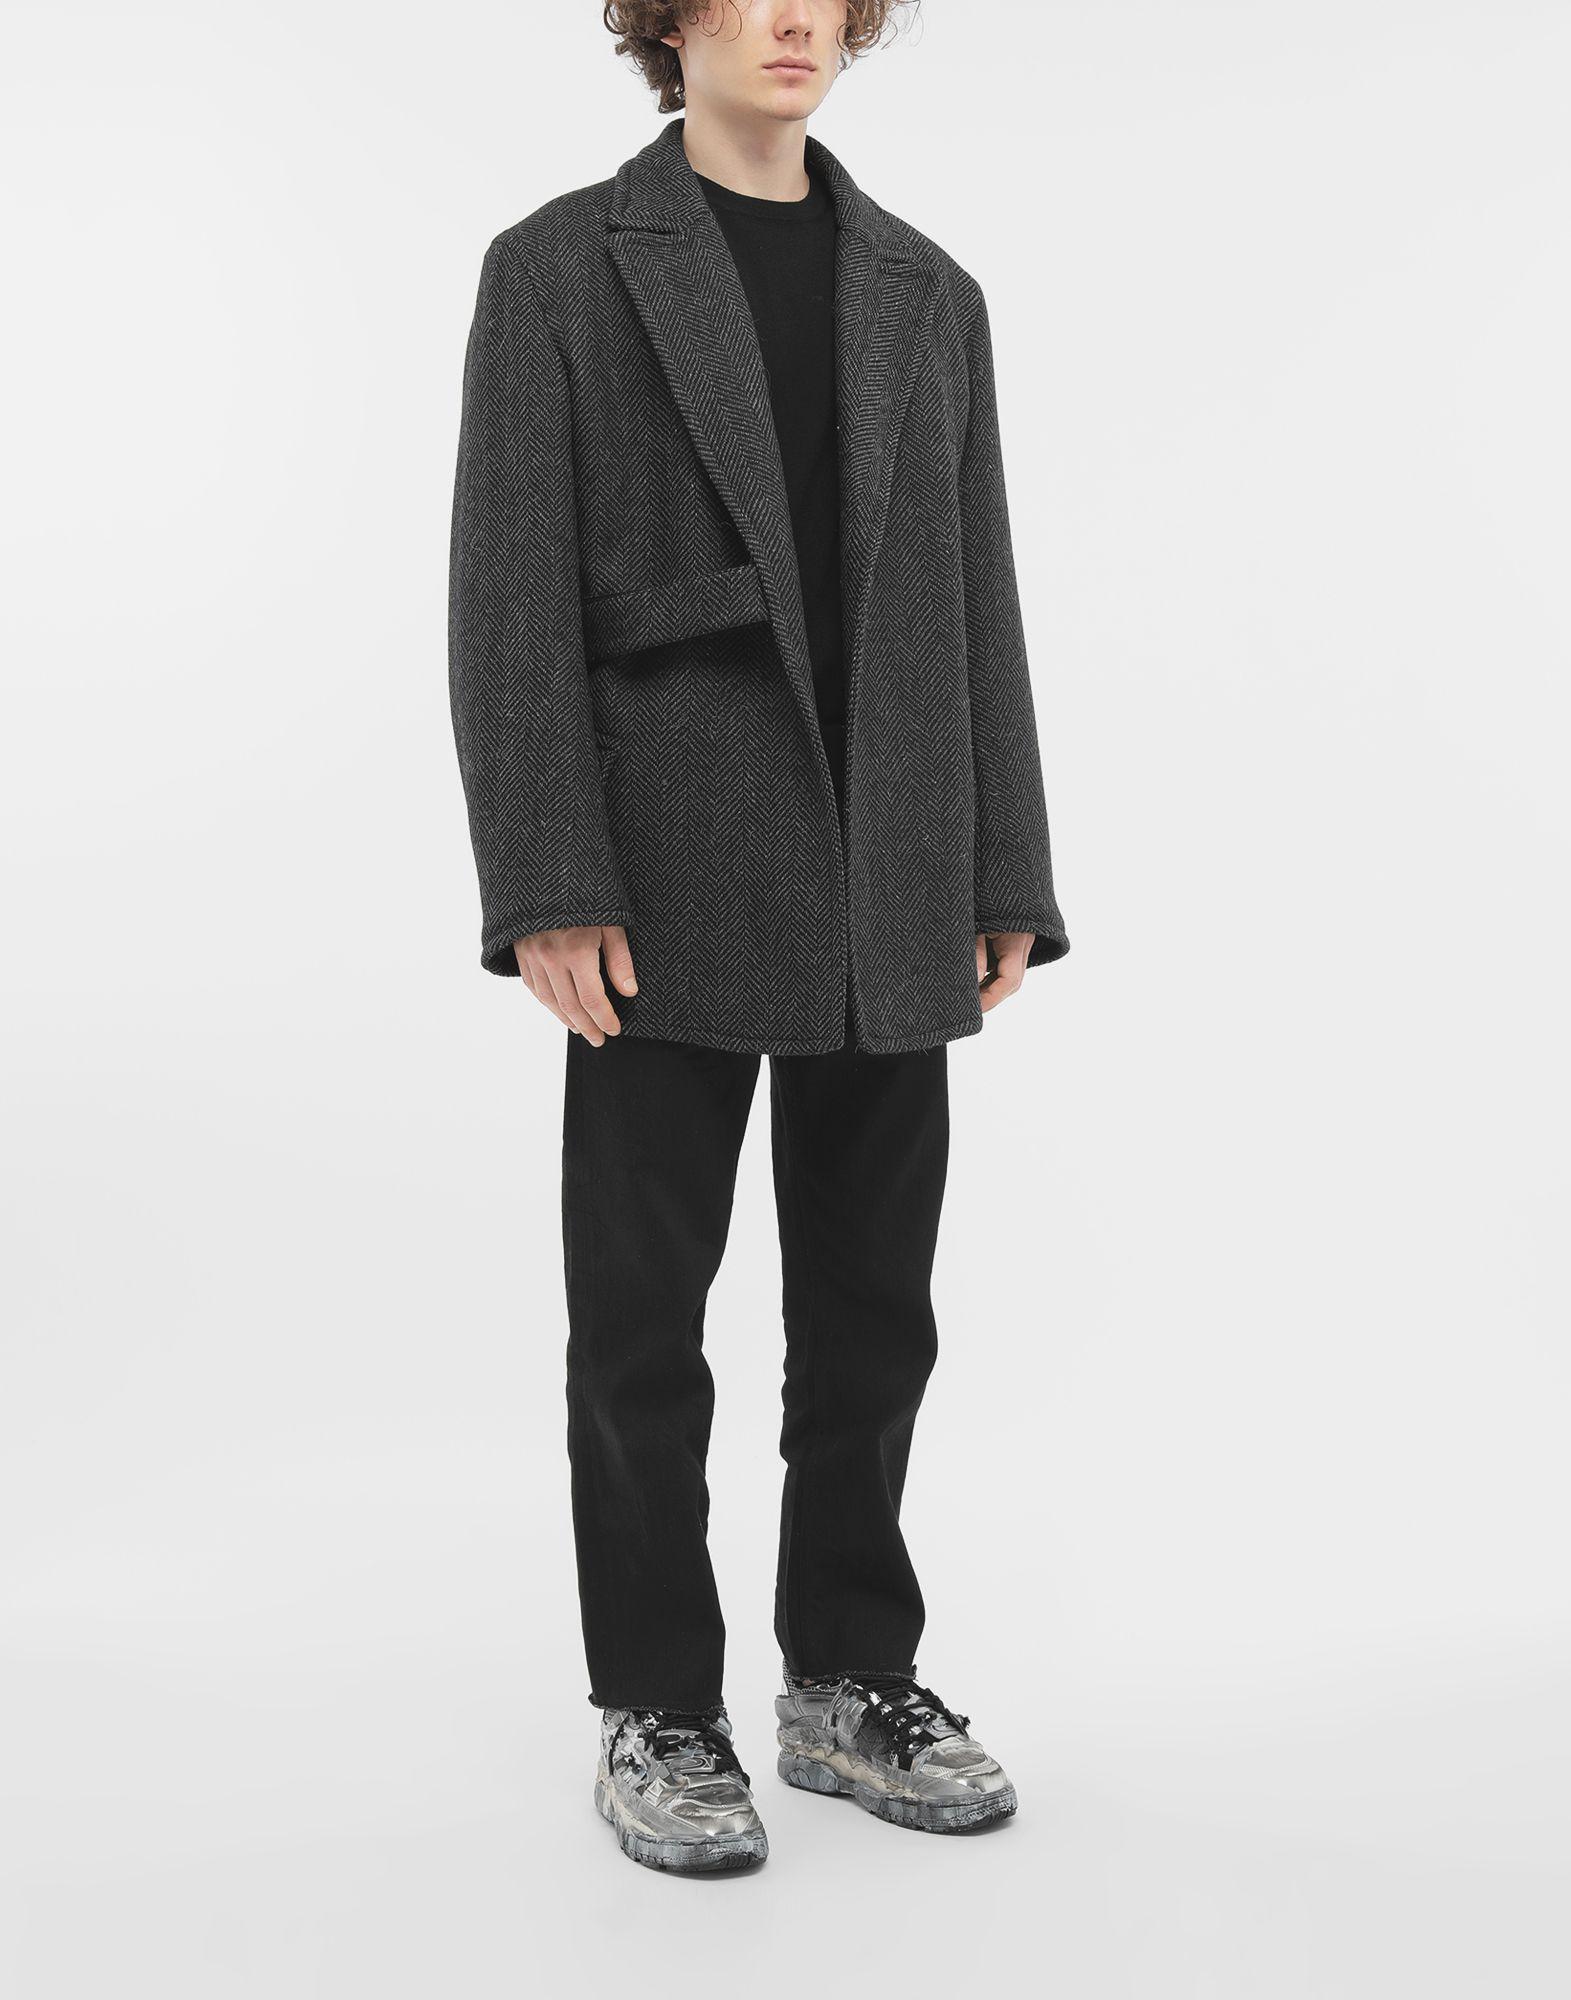 MAISON MARGIELA Manteau en laine Blouson Homme d